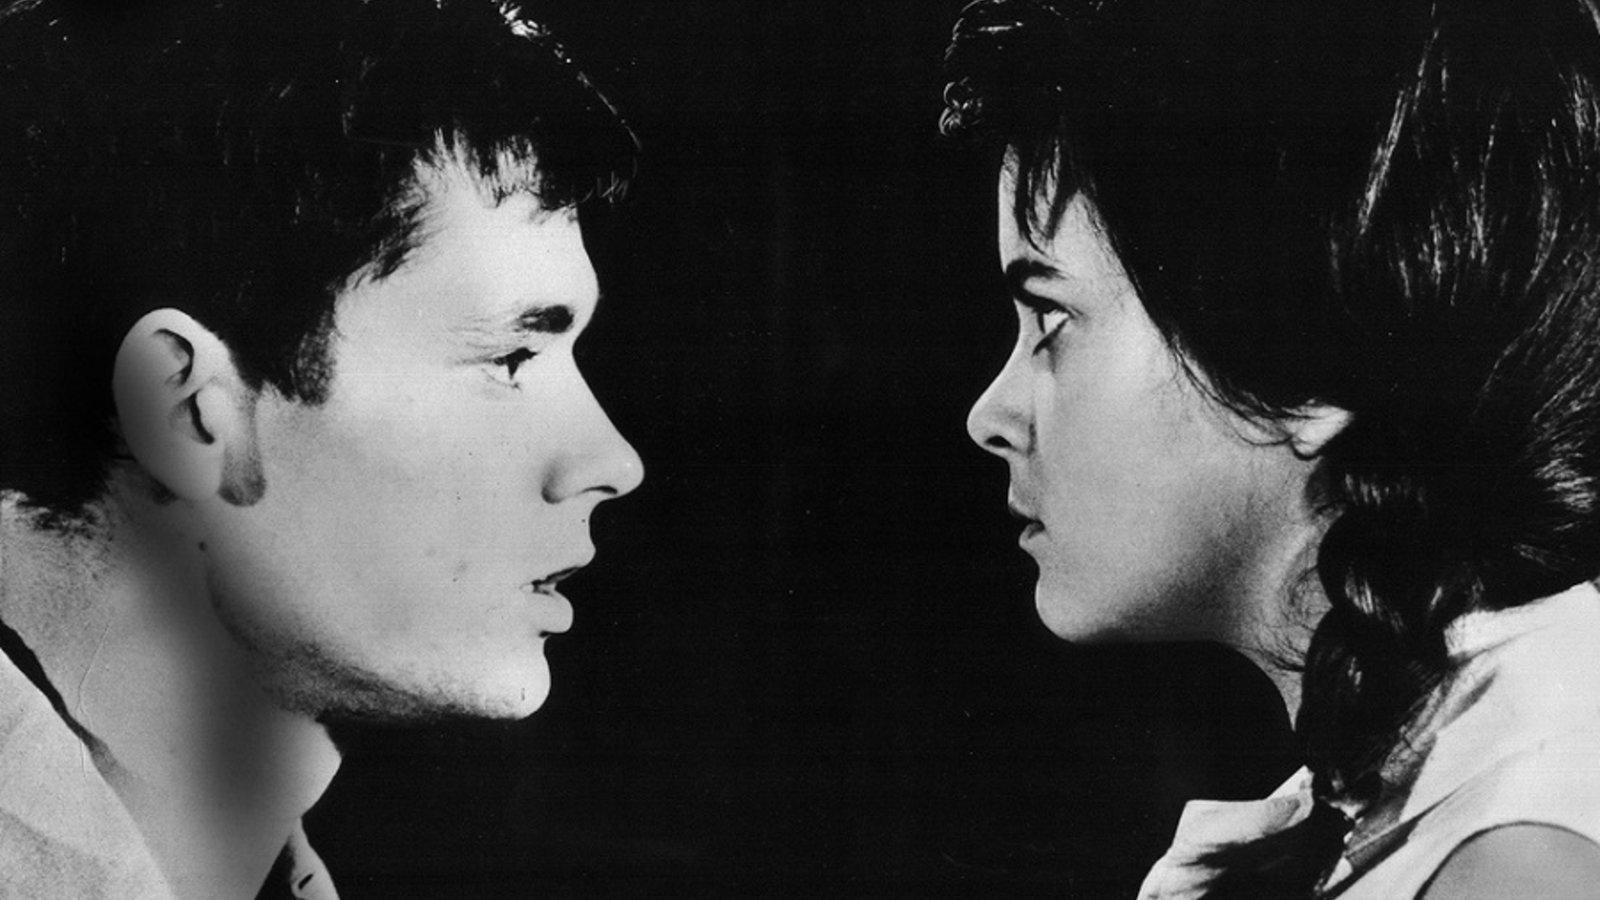 Ein Mann und eine Frau schauen sich an